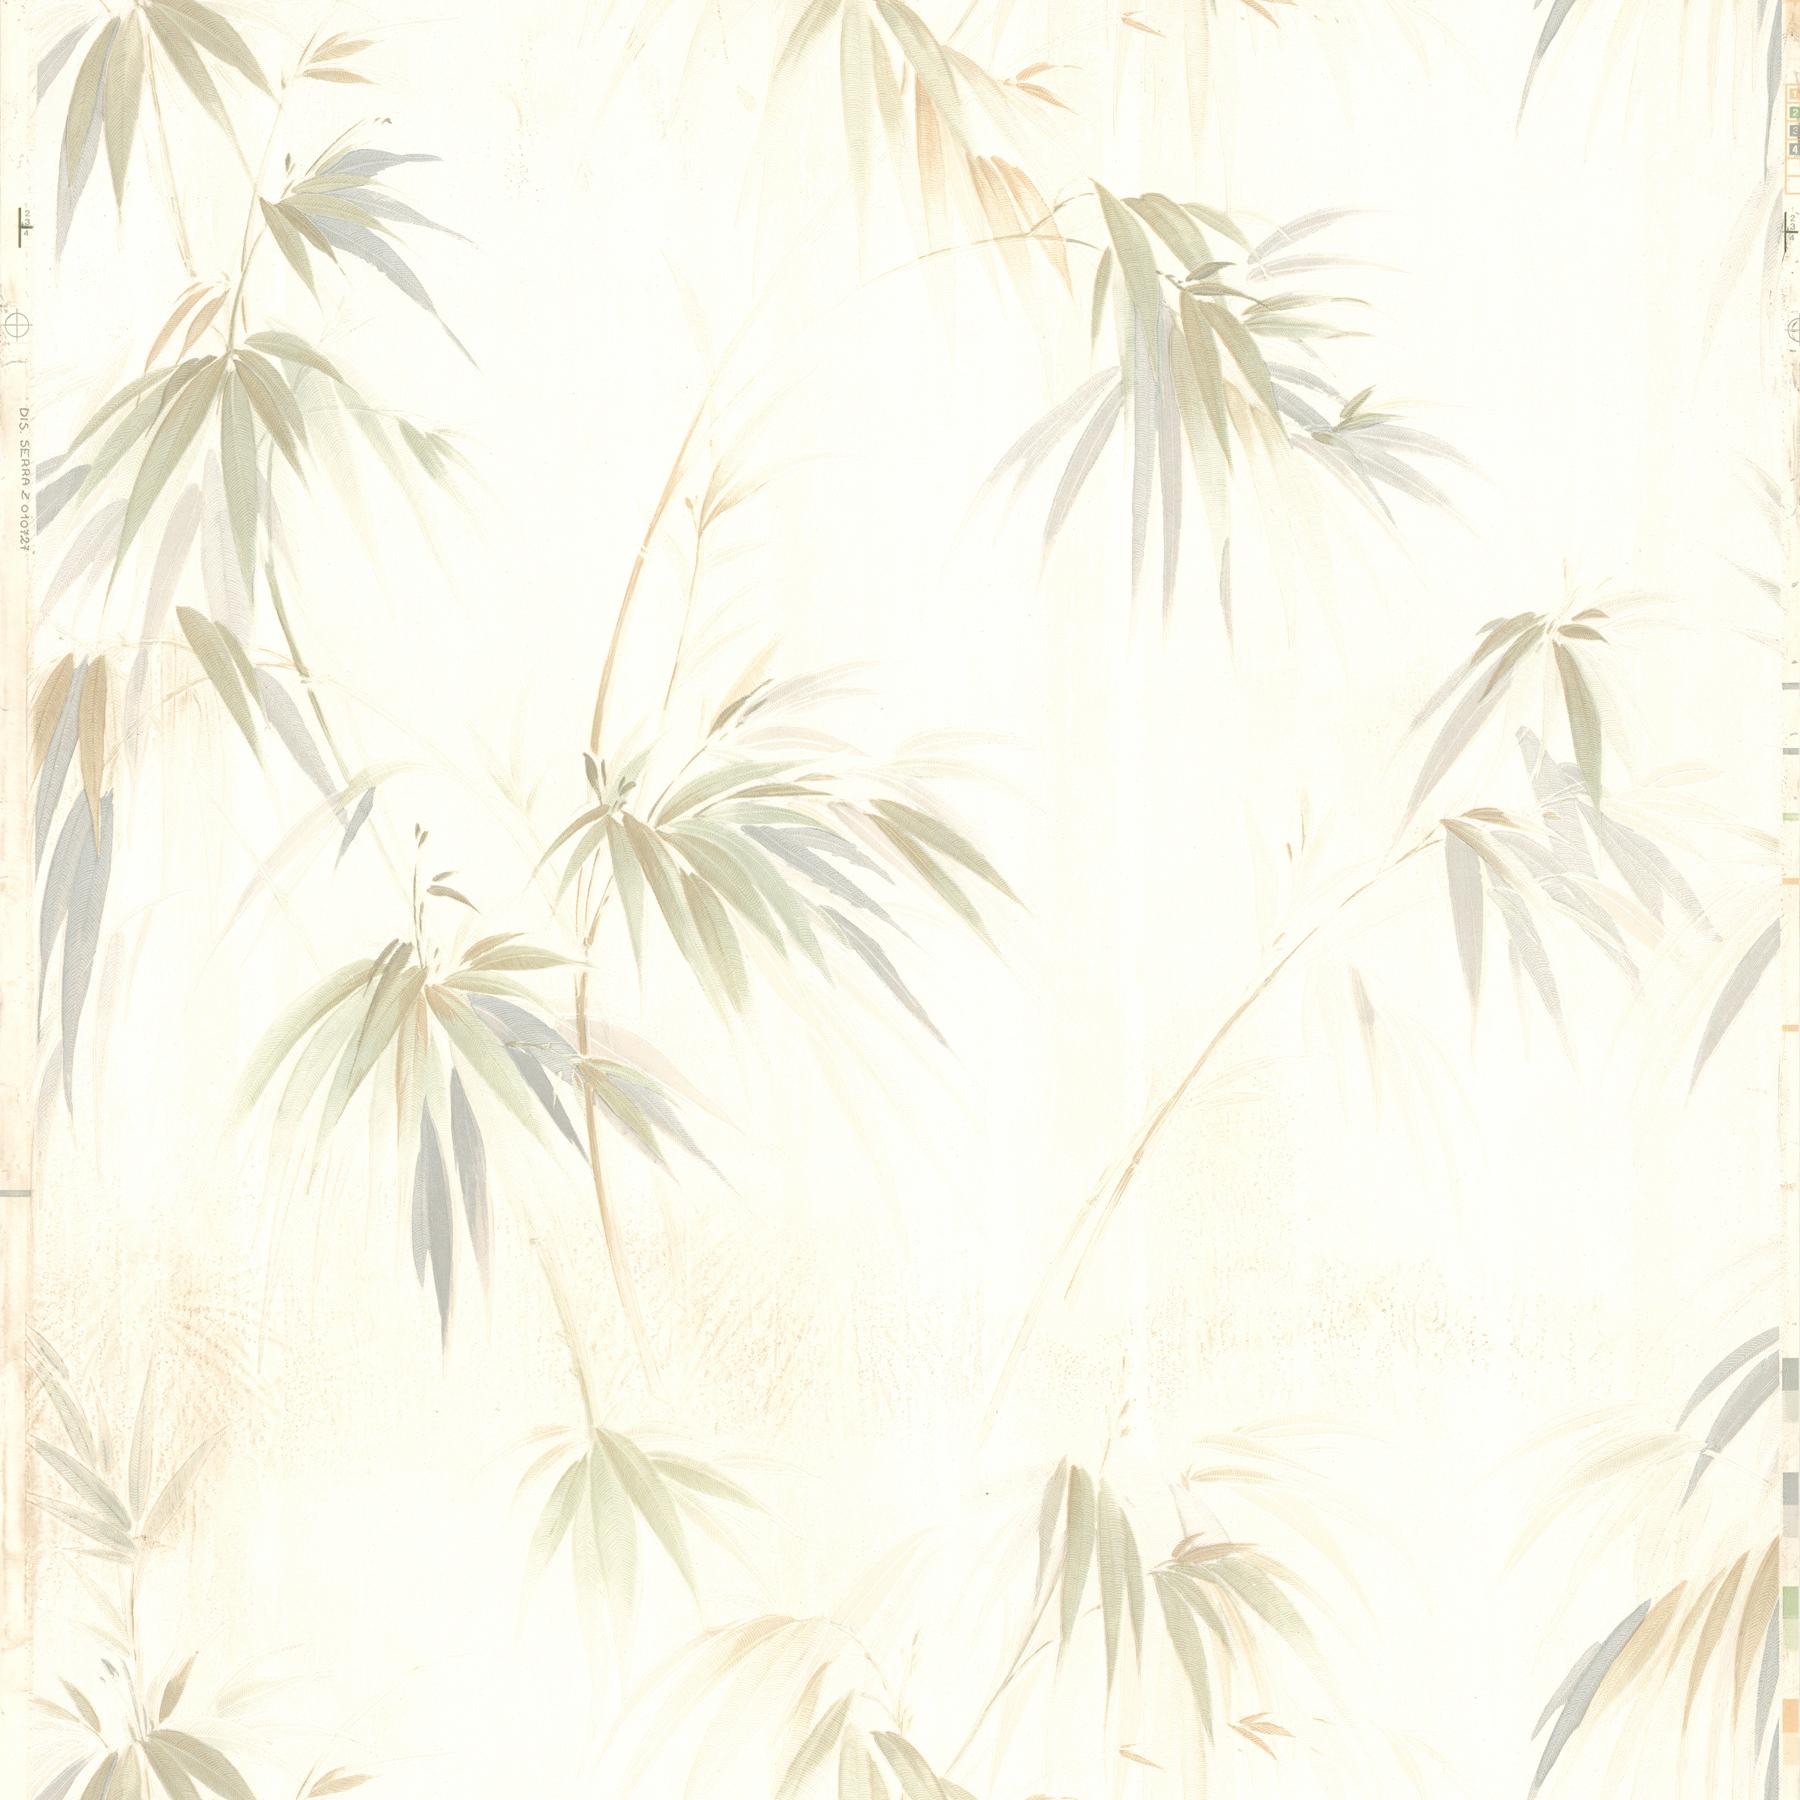 Picture of Atlis Beige Fern Wallpaper